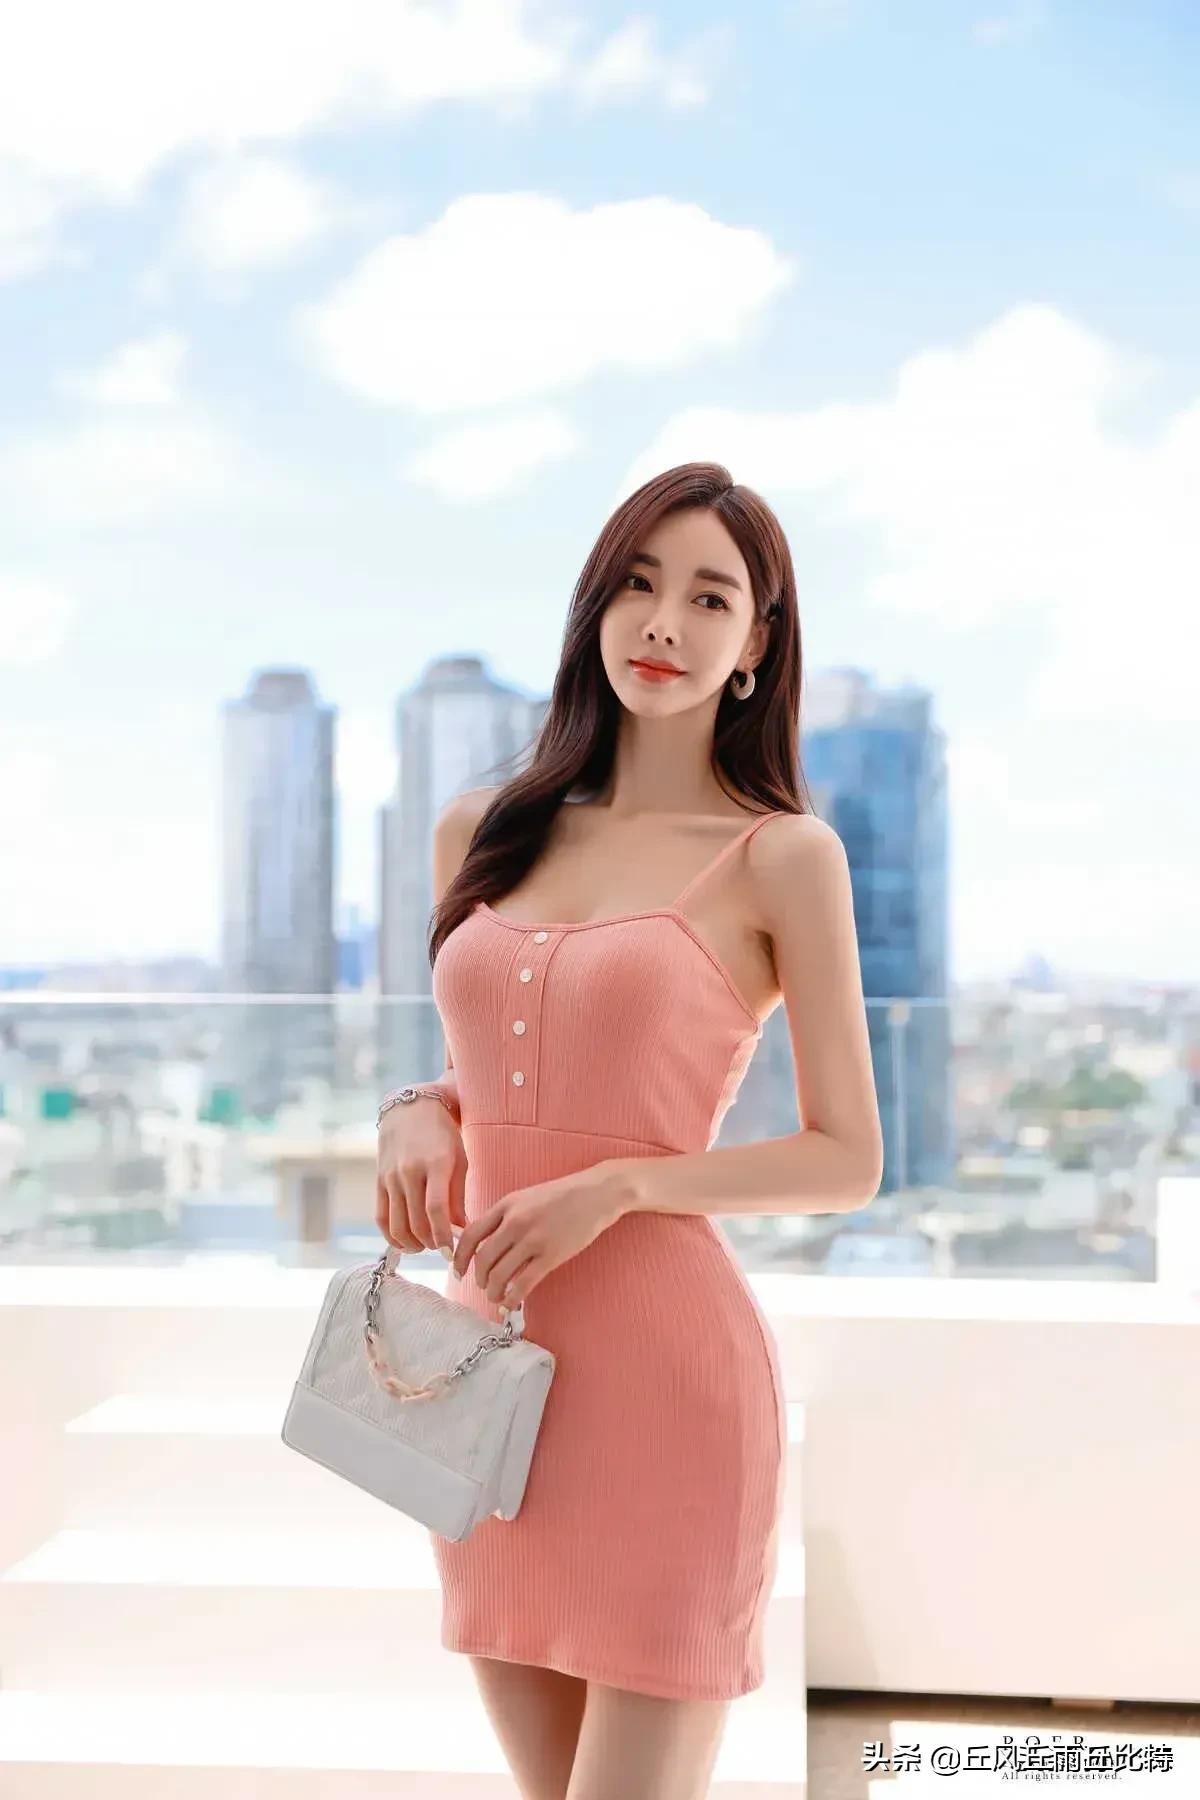 韩国女神,粉红色吊带连衣裙穿搭,粉嫩甜美